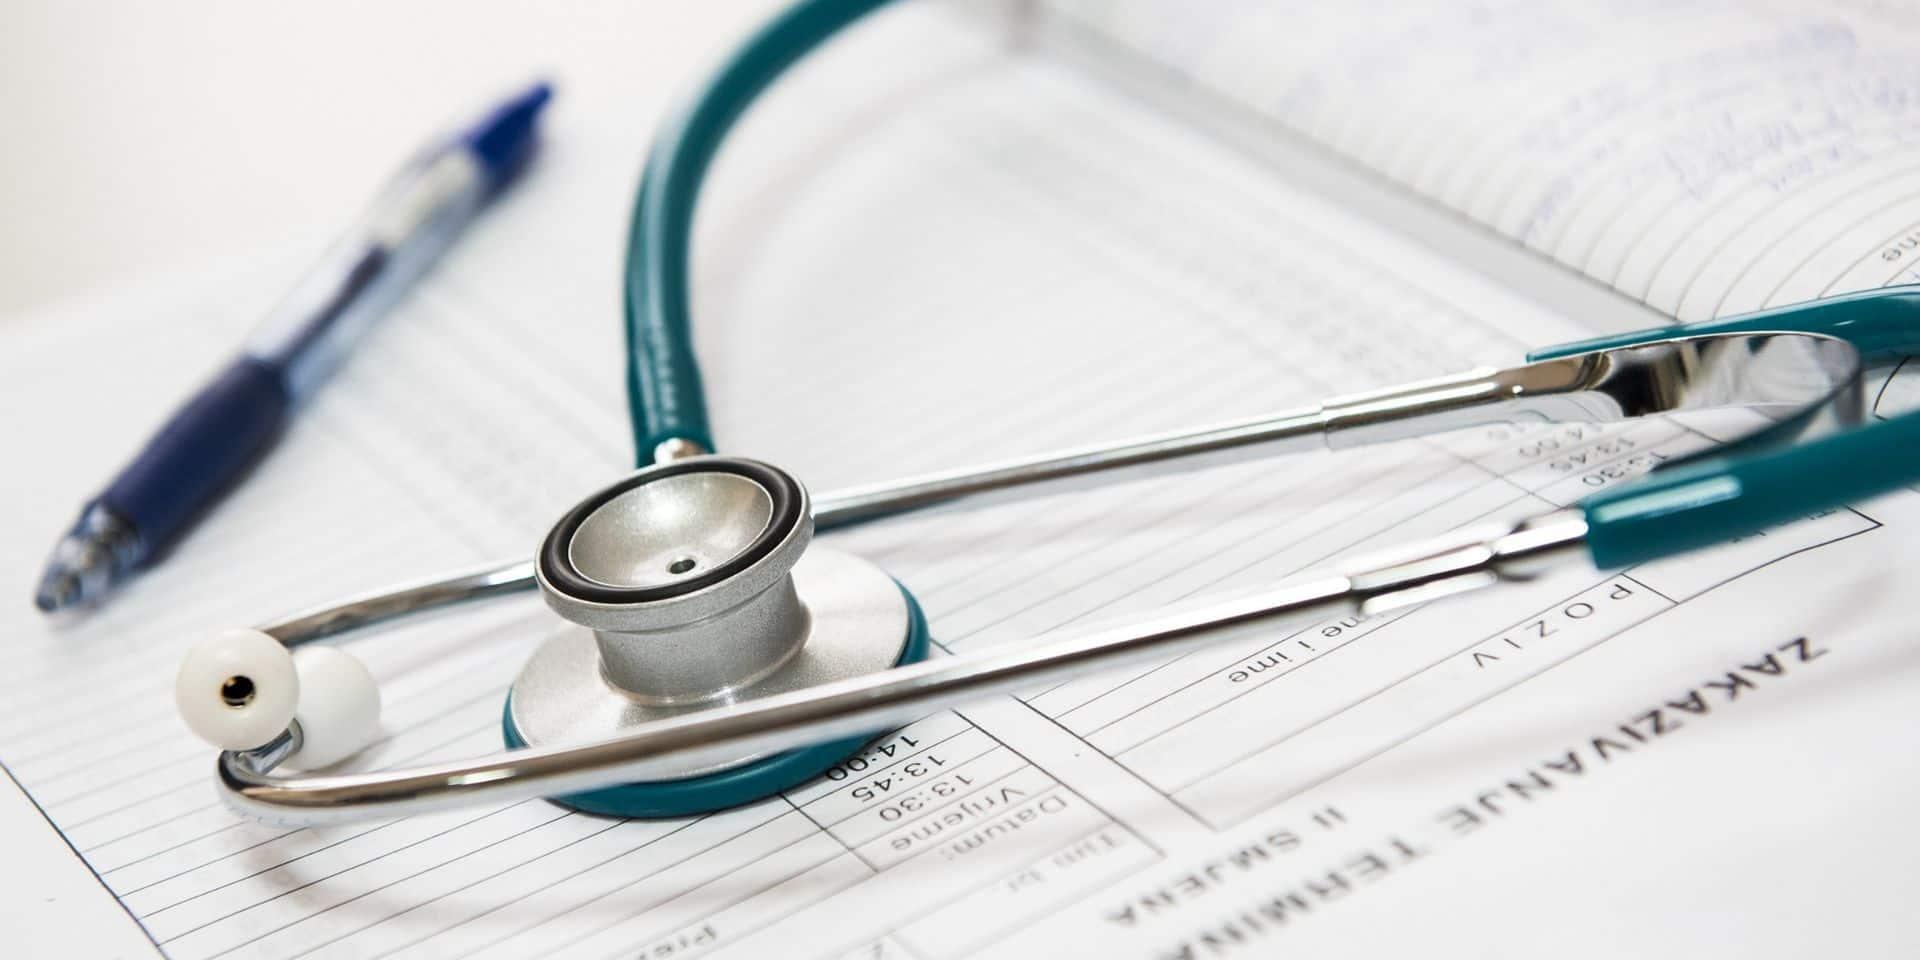 Les inégalités d'accès aux soins de santé s'accentuent en Belgique